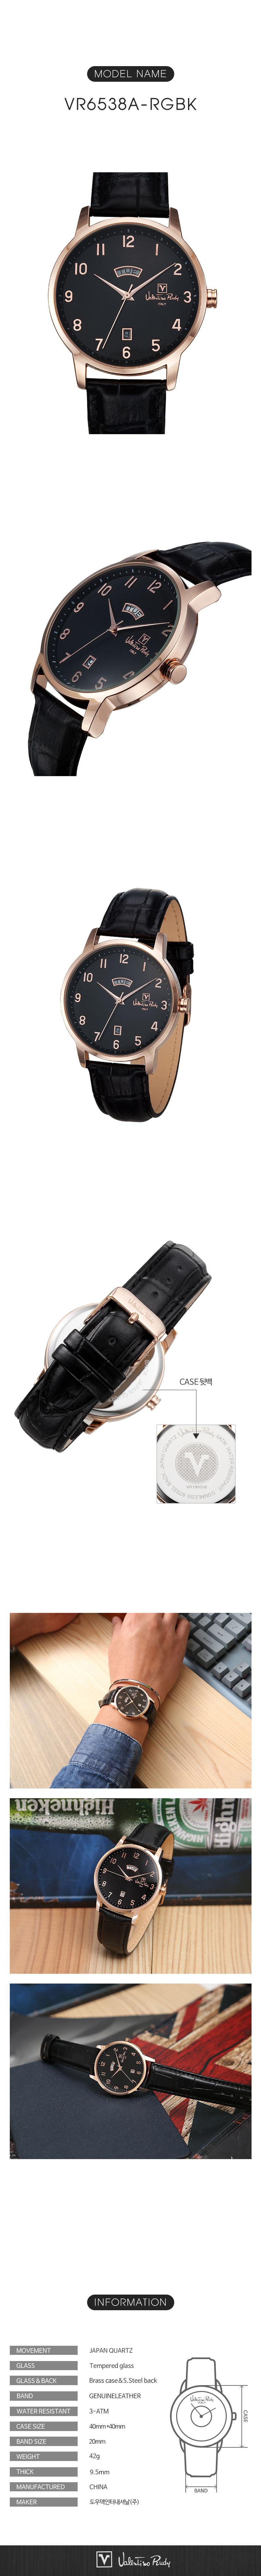 발렌티노 루디(VALENTINO RUDY) VR6538A-RGBK 남자시계 가죽시계